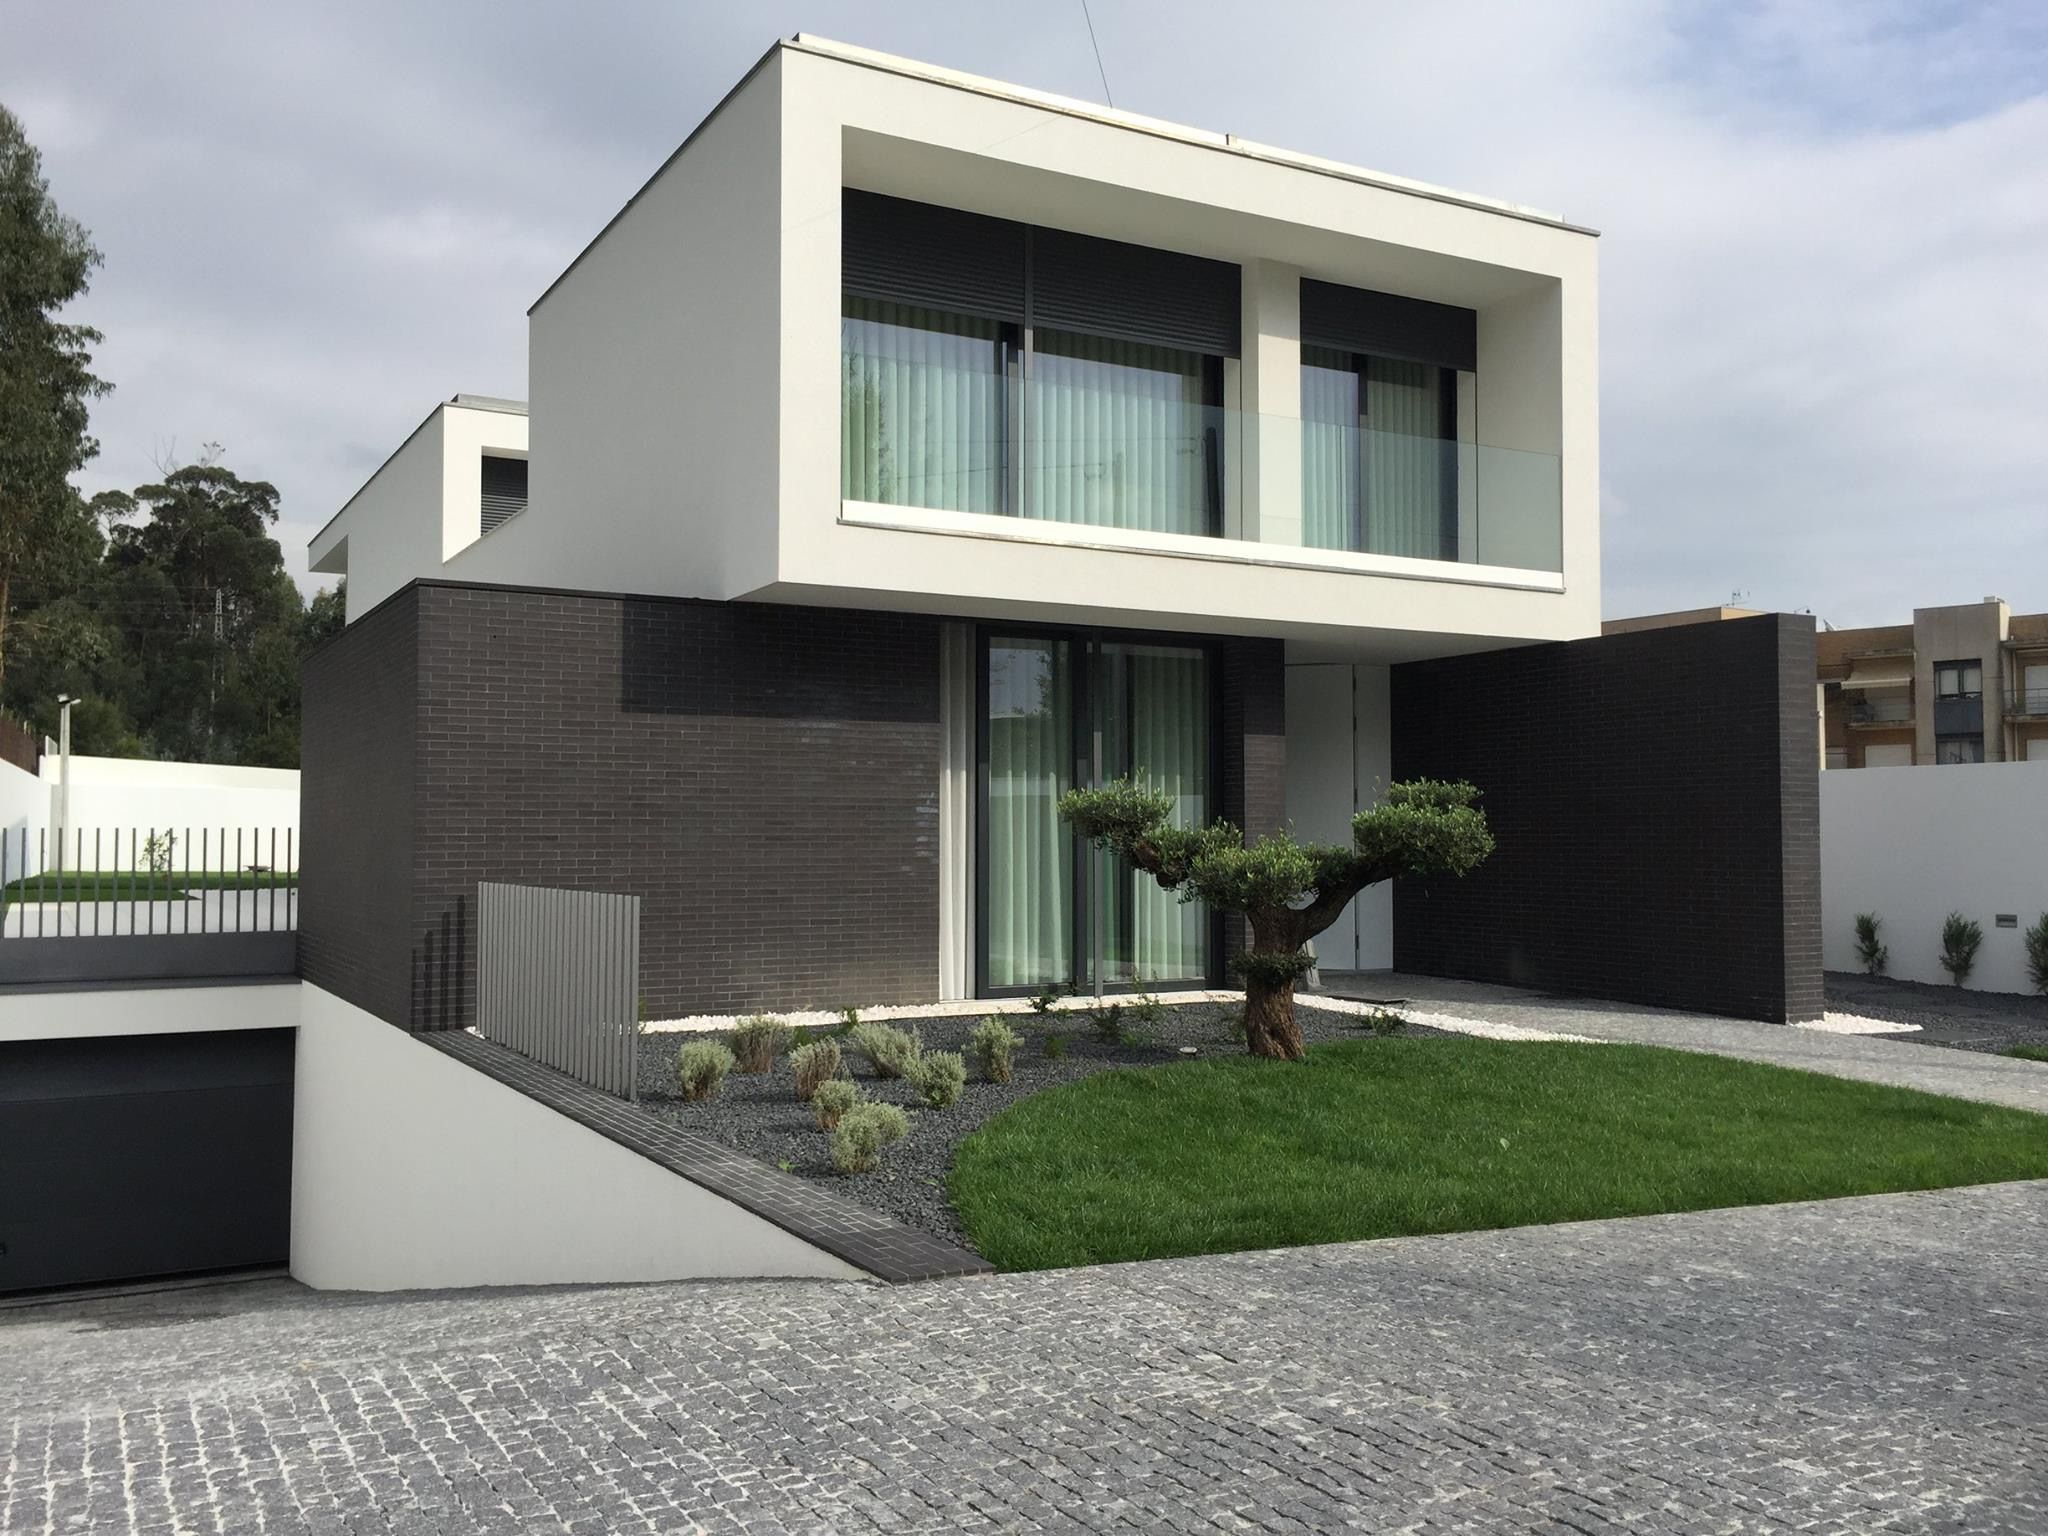 Sensacional cuadrada y minimalista pinterest Decoracion de casas contemporaneas